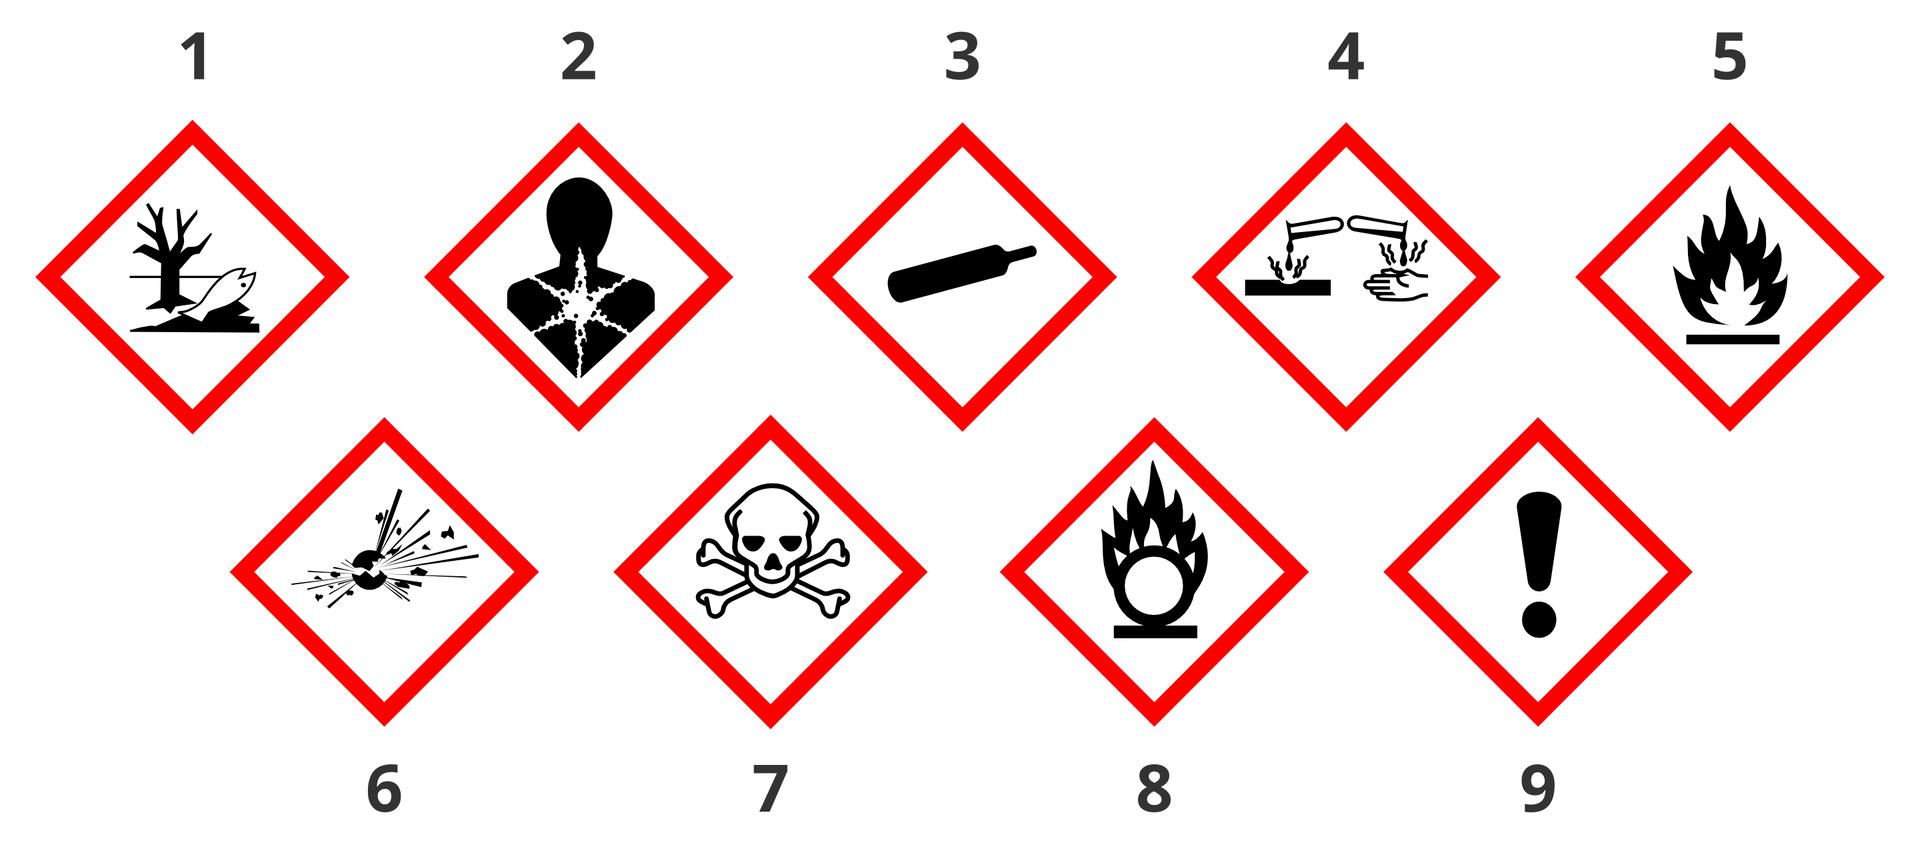 Ilustracja zawiera dziewięć piktogramów stosowanych do oznaczania substancji niebezpiecznych. Piktogramy te prezentowane są wtak zwanej nowej notacji, awięc mają postać białych rombów zczerwonymi obramowaniami iczarnymi rysunkami. Znaki ułożone wdwóch liniach są kolejno ponumerowane licząc od lewego górnego do prawego dolnego rogu. Oznaczają one: substancje stanowiące zagrożenie dla środowiska wodnego, substancje rakotwórcze imutagenne, gazy pod ciśnieniem, substancje żrące ikorodujące, substancje łatwopalne, materiały wybuchowe, substancje silnie toksyczne, substancje utleniające oraz substancje niebezpieczne dla zdrowia.